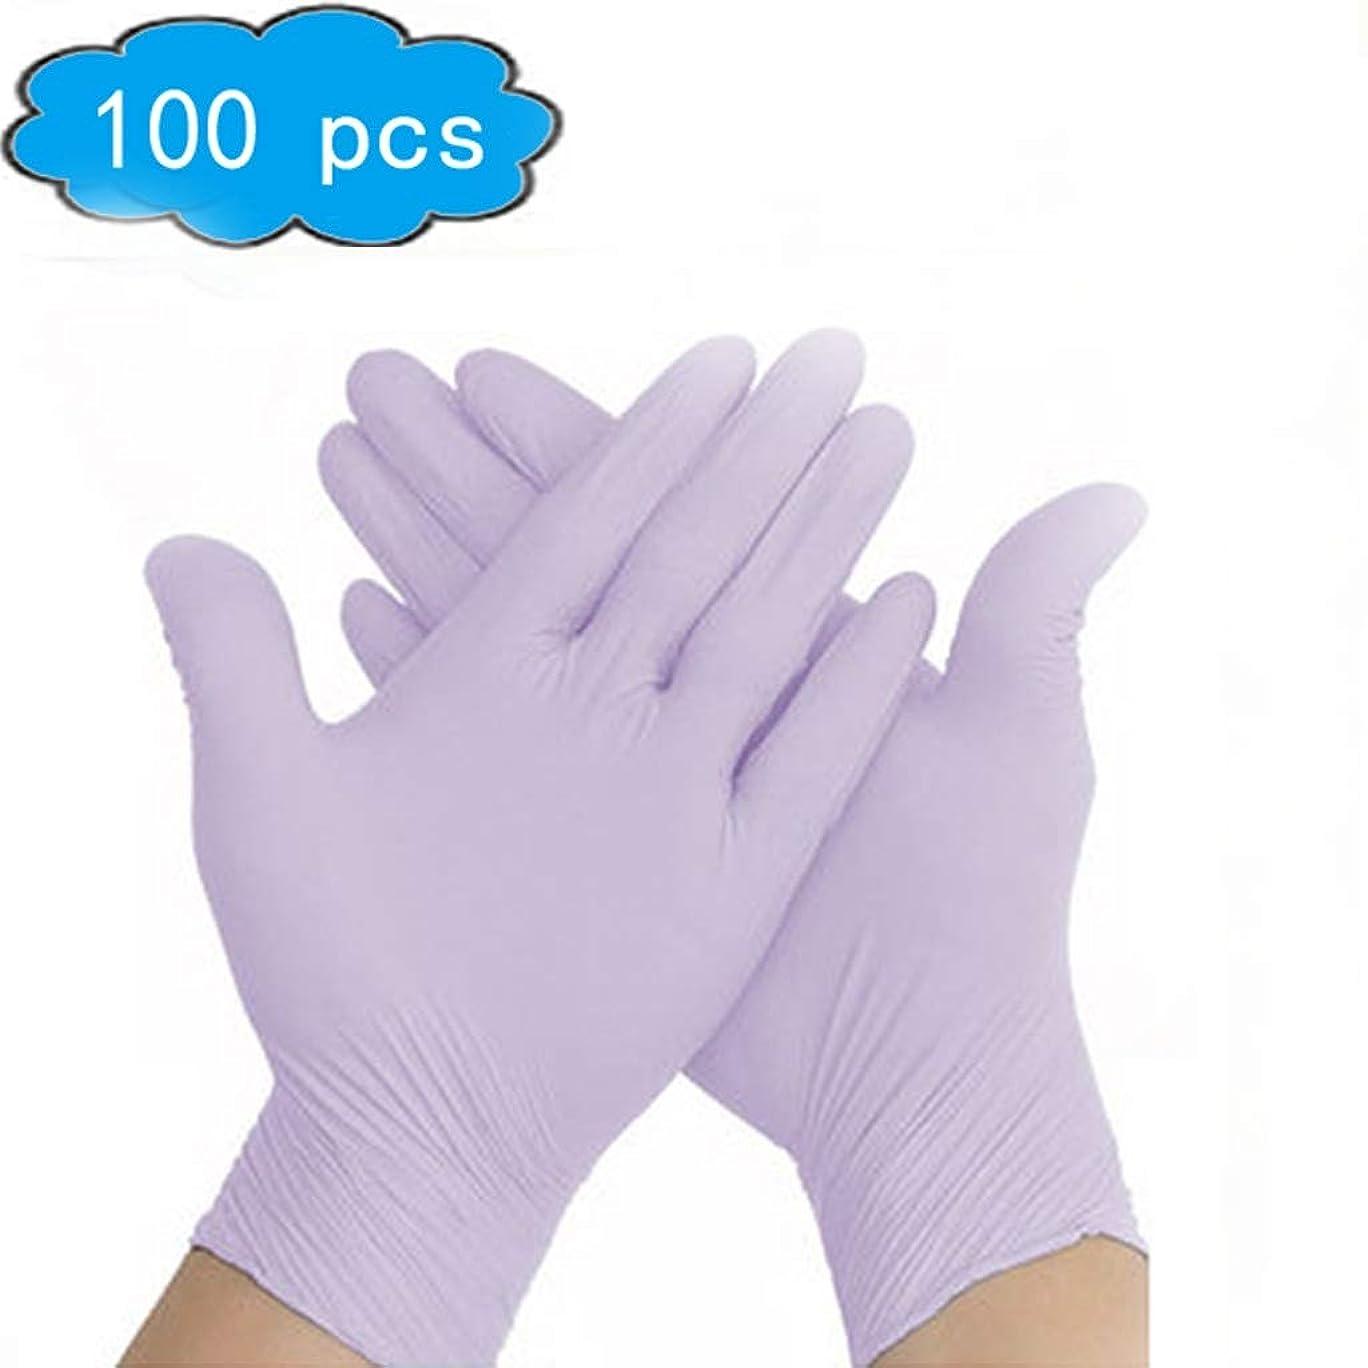 コピーダイバー道を作るニトリル手袋 - 医療用グレード、パウダーフリー、使い捨て、非滅菌、食品安全、テクスチャード加工、紫色、便利なディスペンサーパッケージ100、中サイズ、サニタリー手袋 (Color : Purple, Size : L)